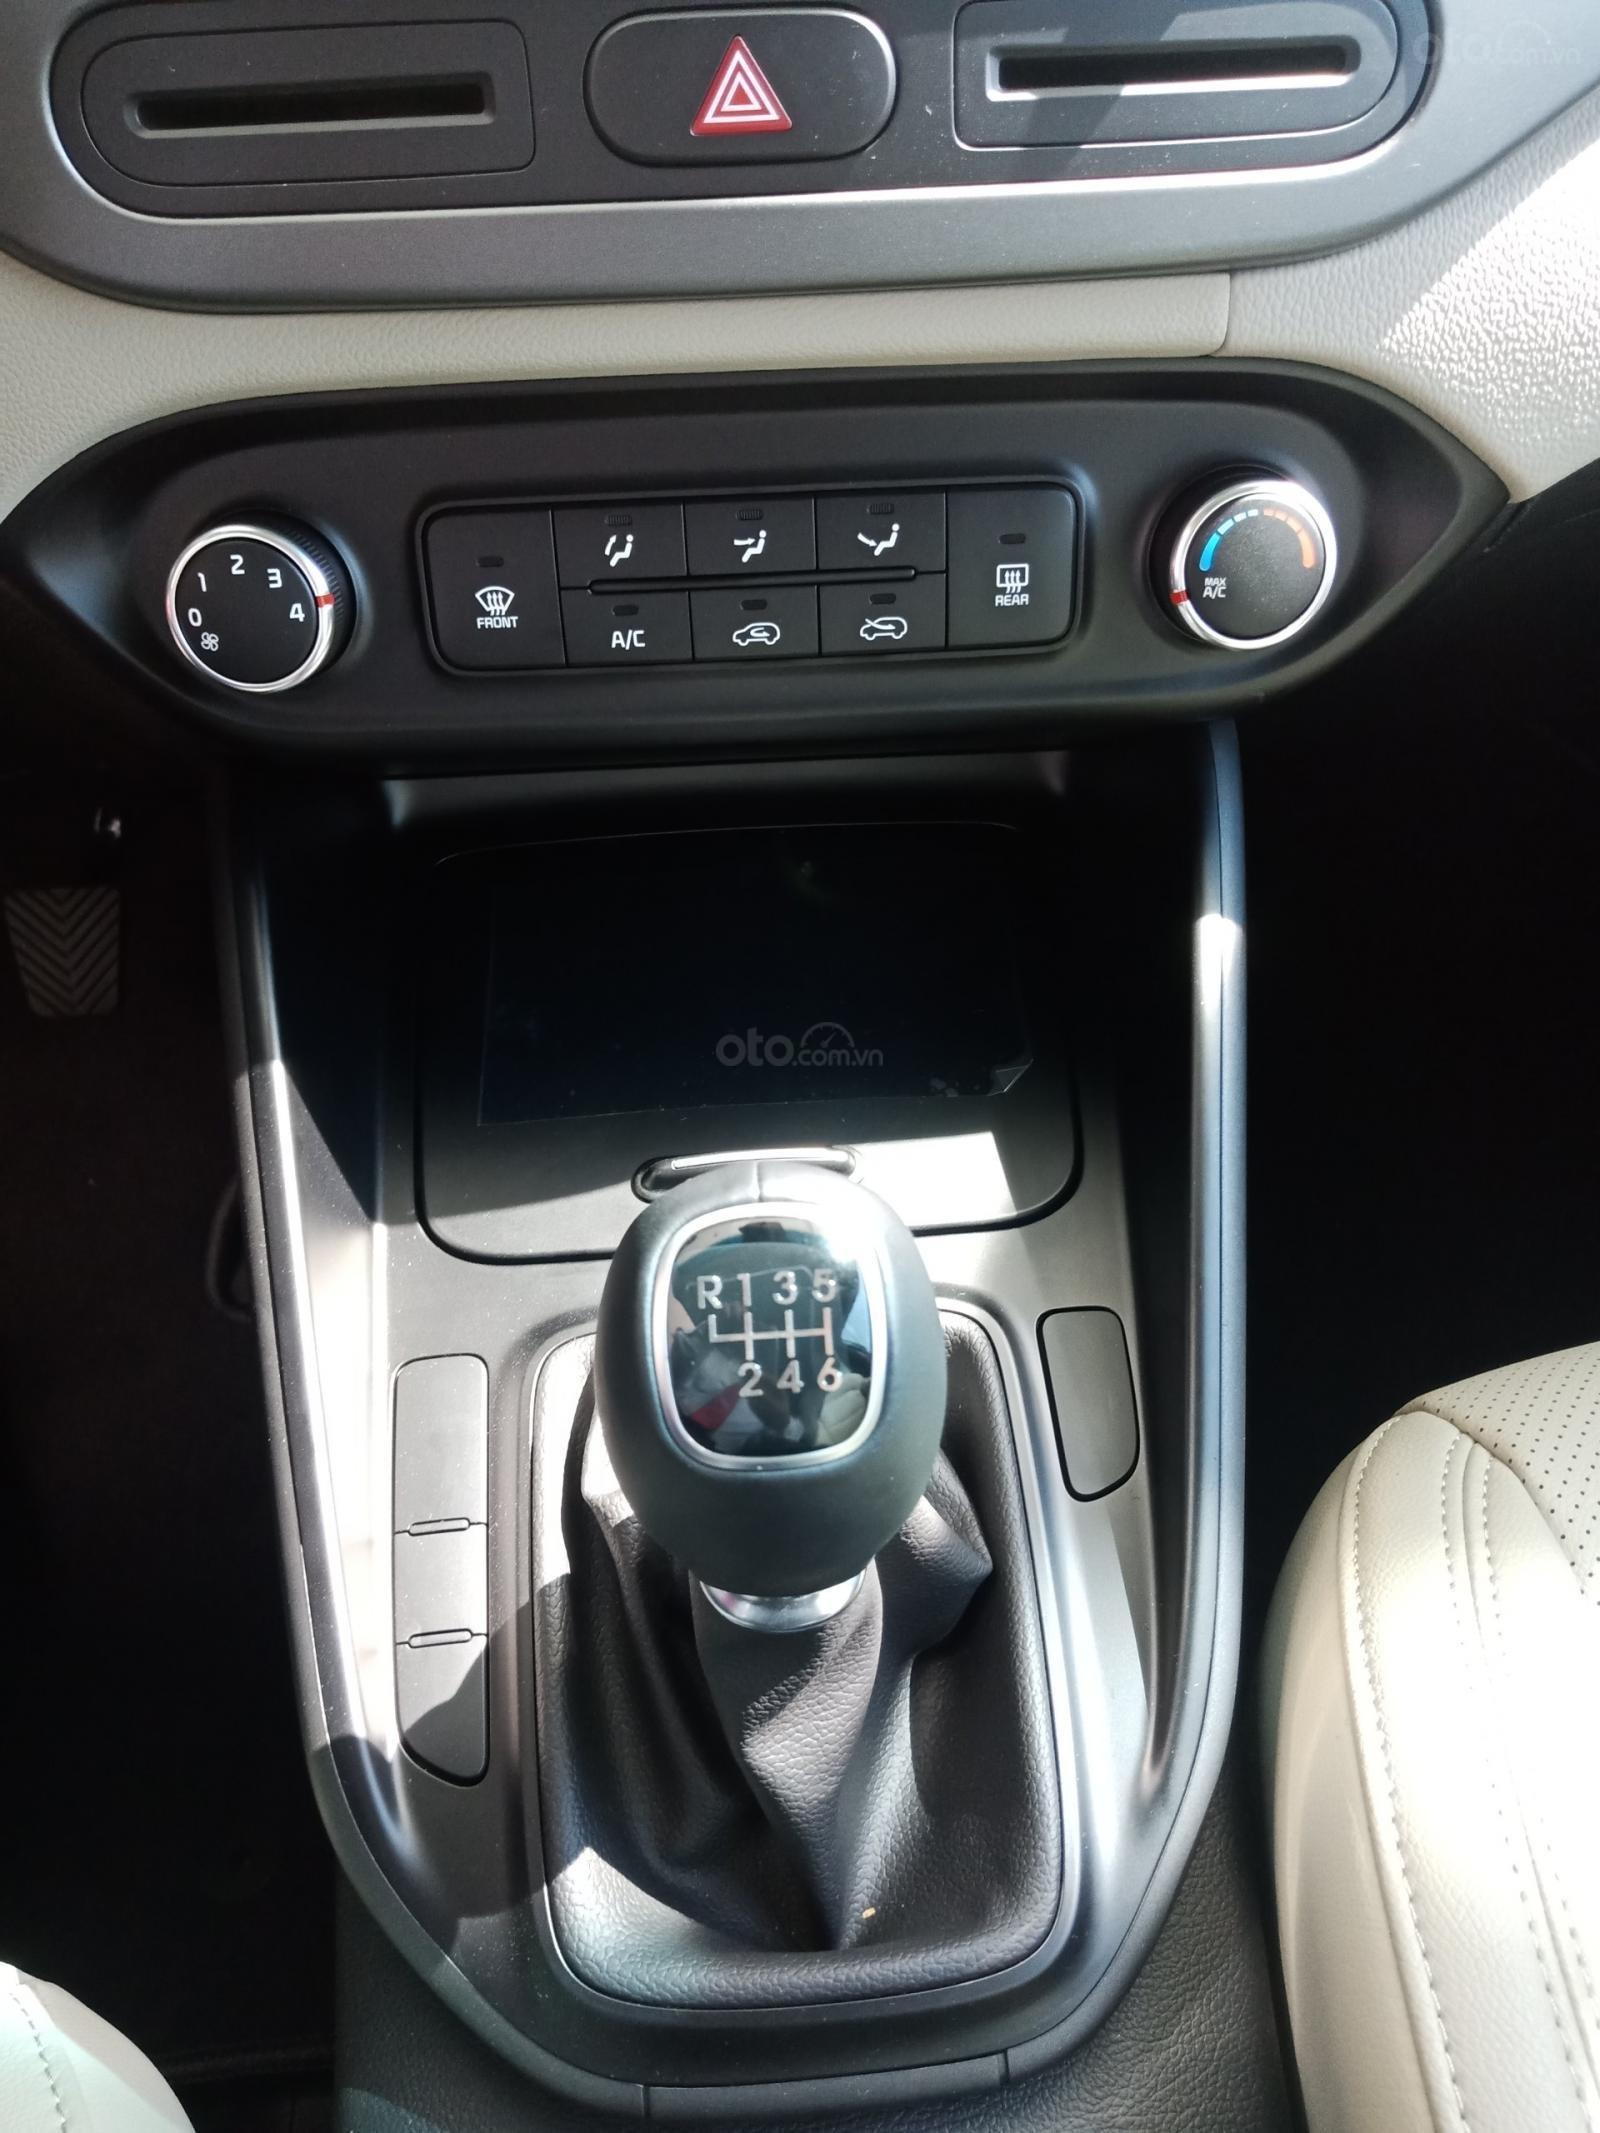 Kia Rondo 2019 nhiều cải tiến giá hấp dẫn có nhiều ưu đãi, có sẵn xe giao ngay-5